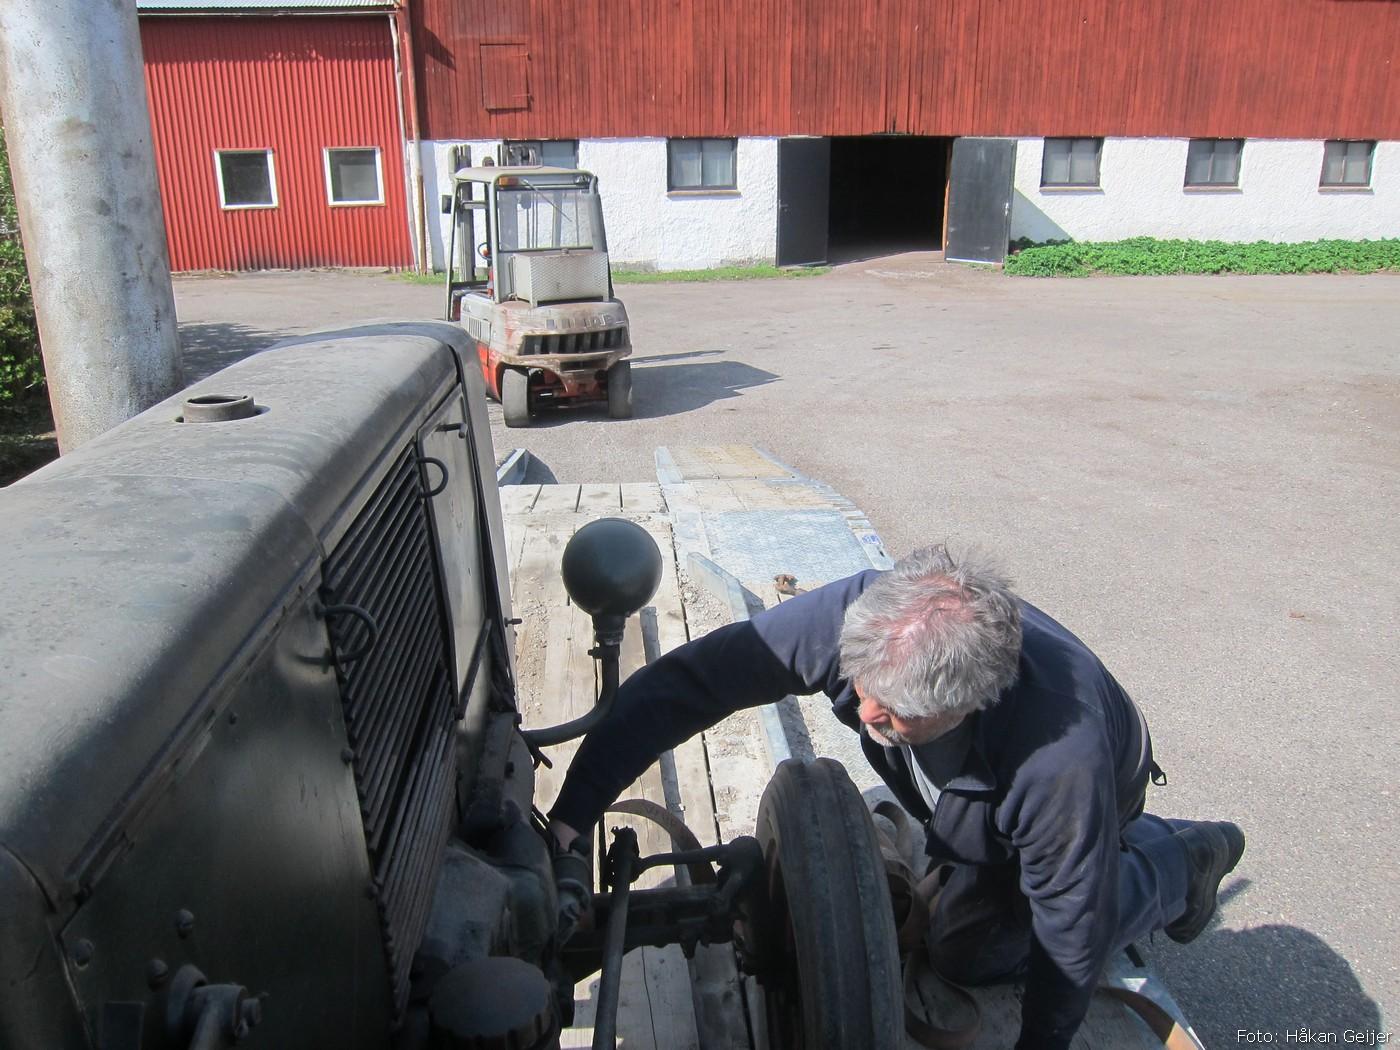 2014-05-03_068_traktorflytt